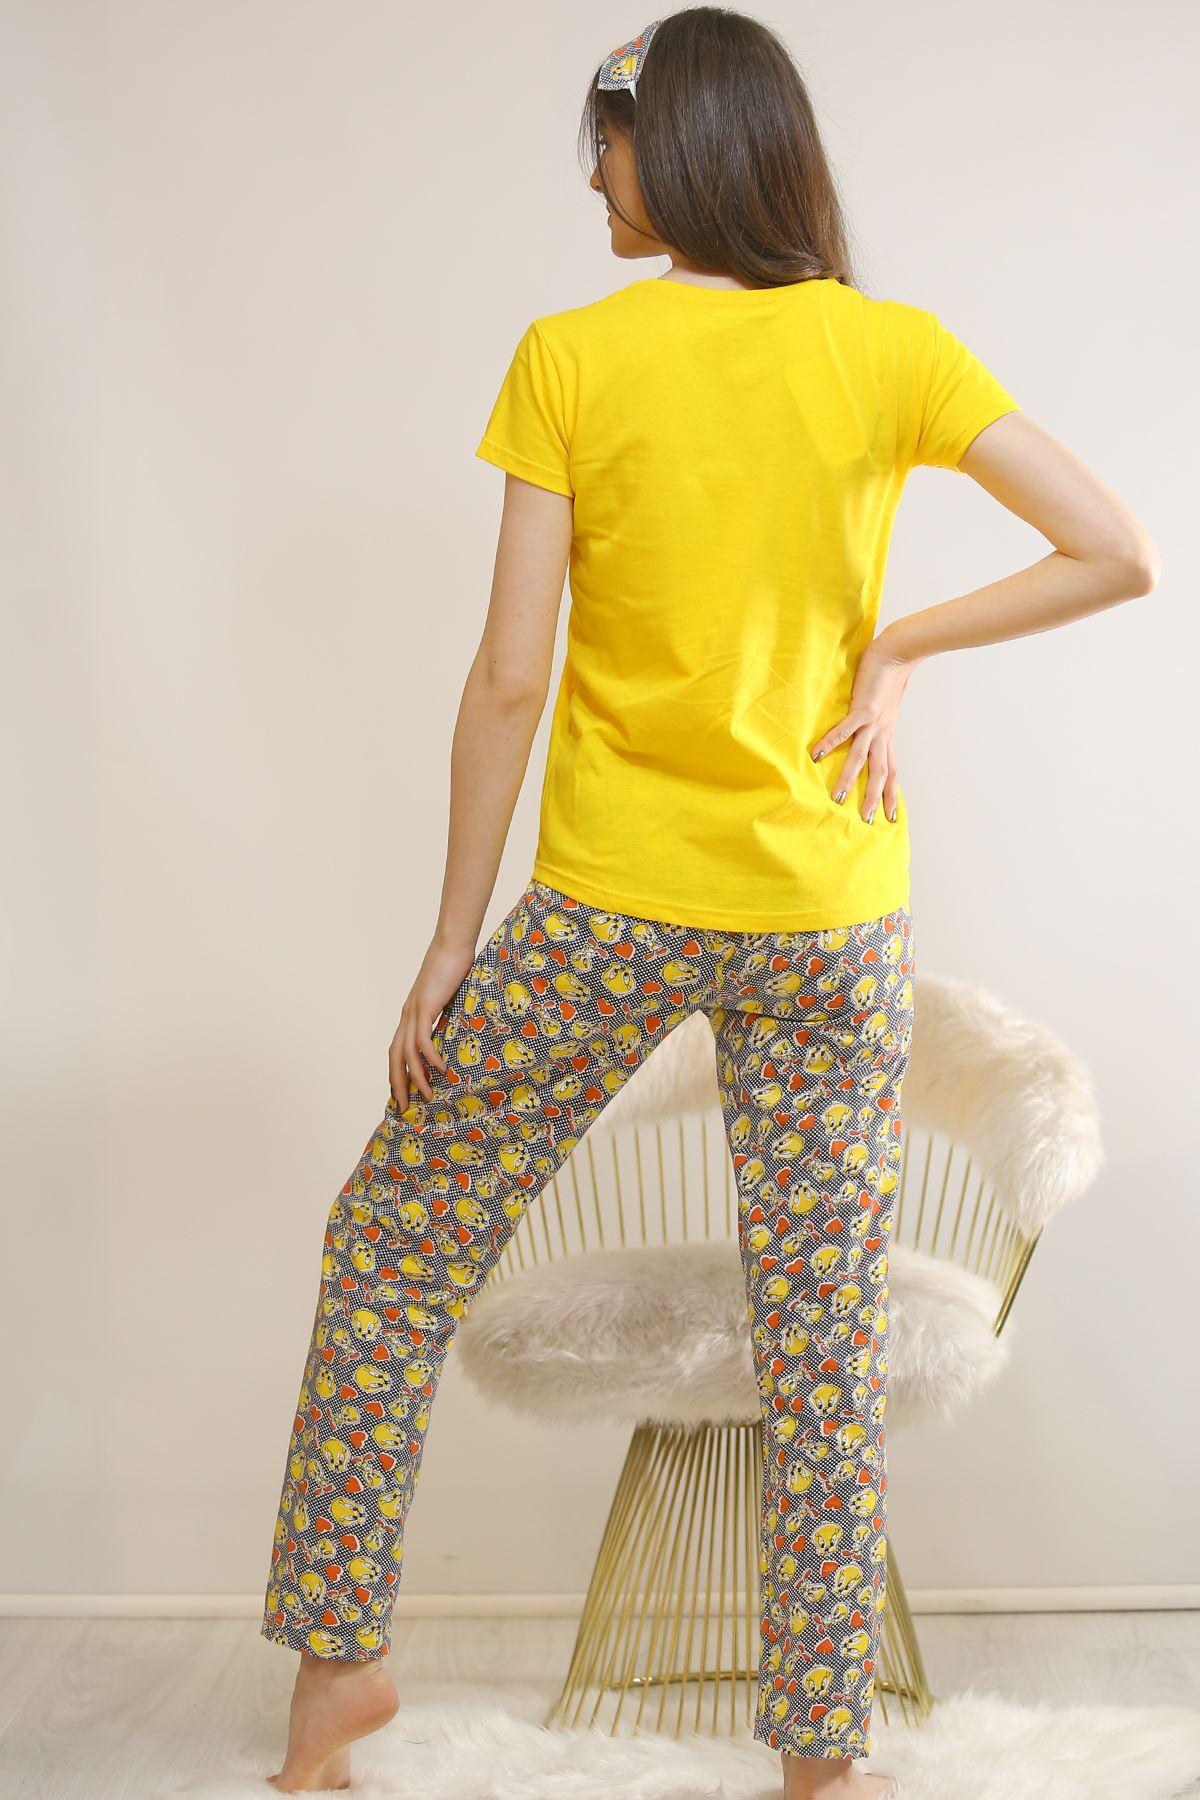 Baskılı Pijama Takımı Sarı - 21827.1059.